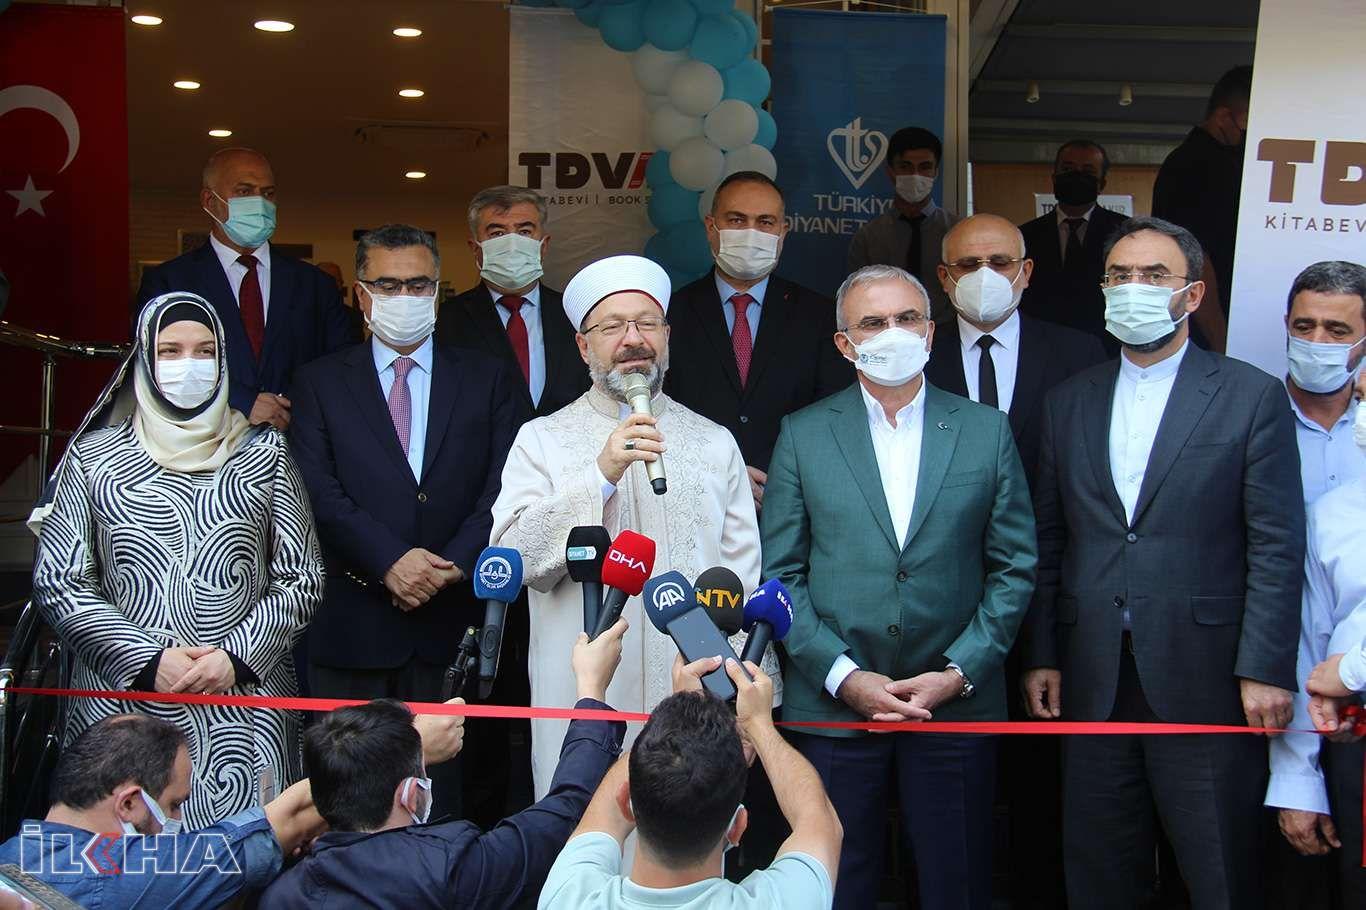 Diyanet İşleri Başkanı Prof. Dr. Ali Erbaş Diyarbakırda